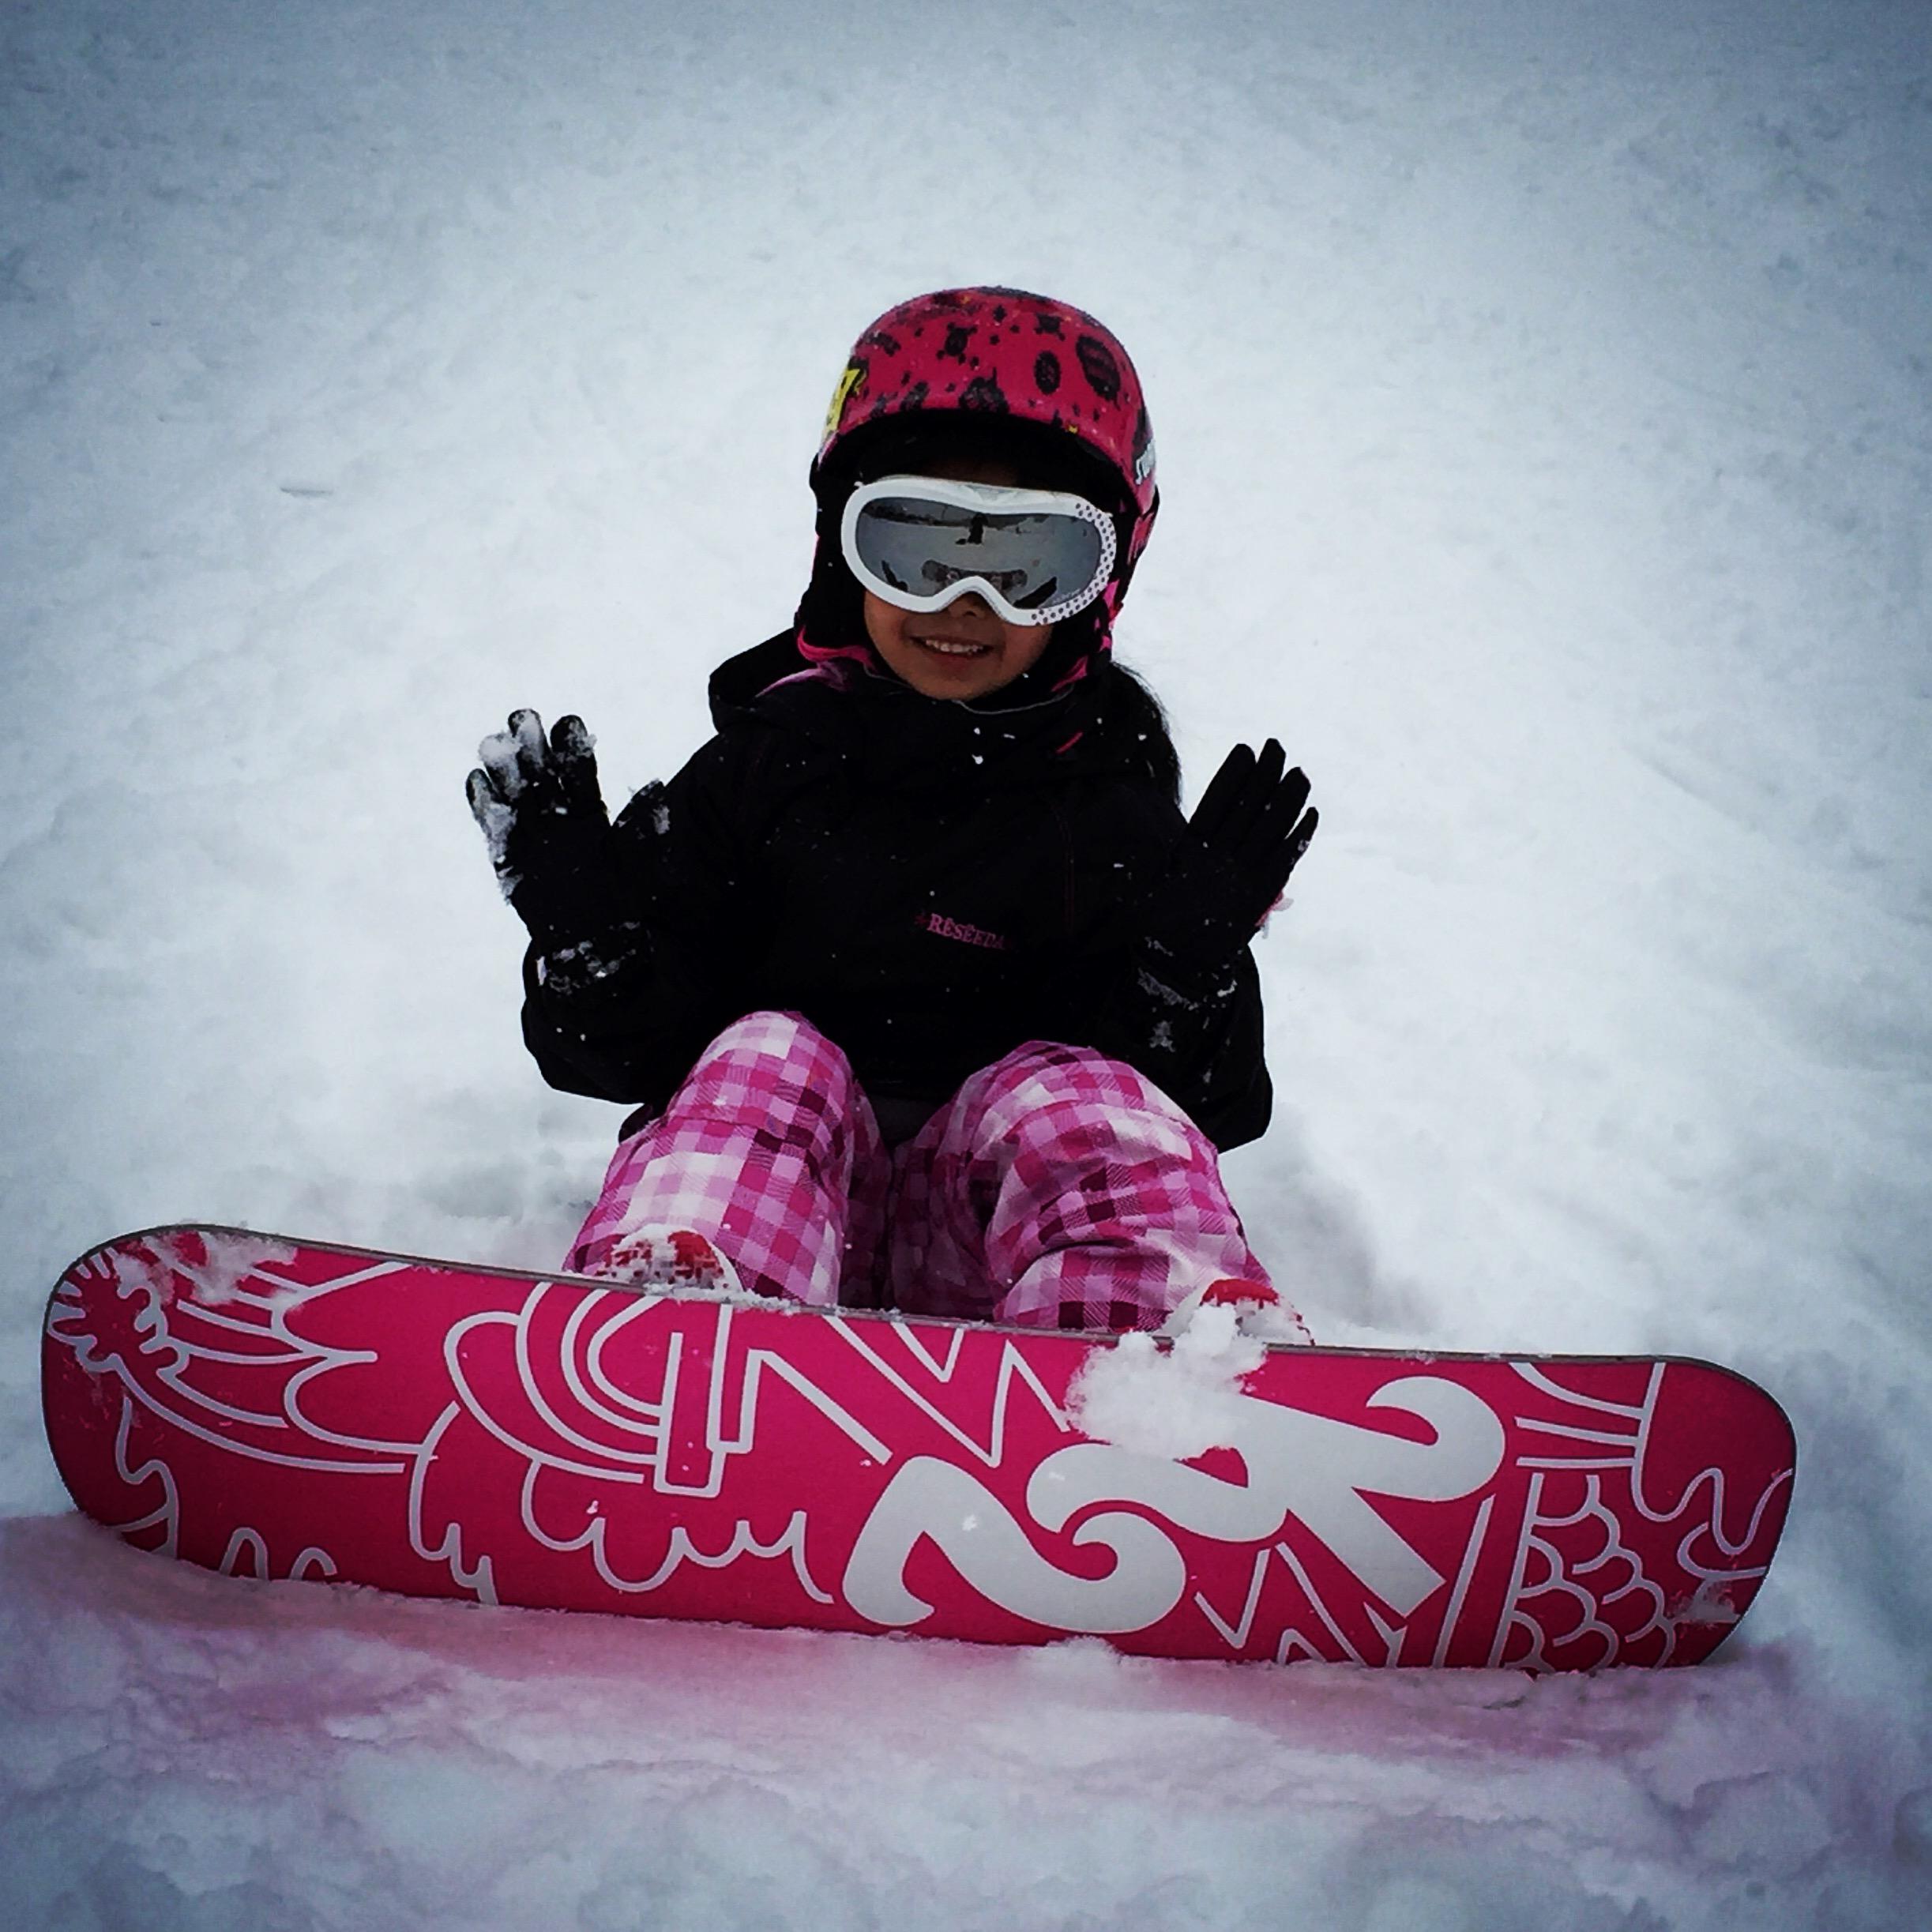 Akari_Snowboard